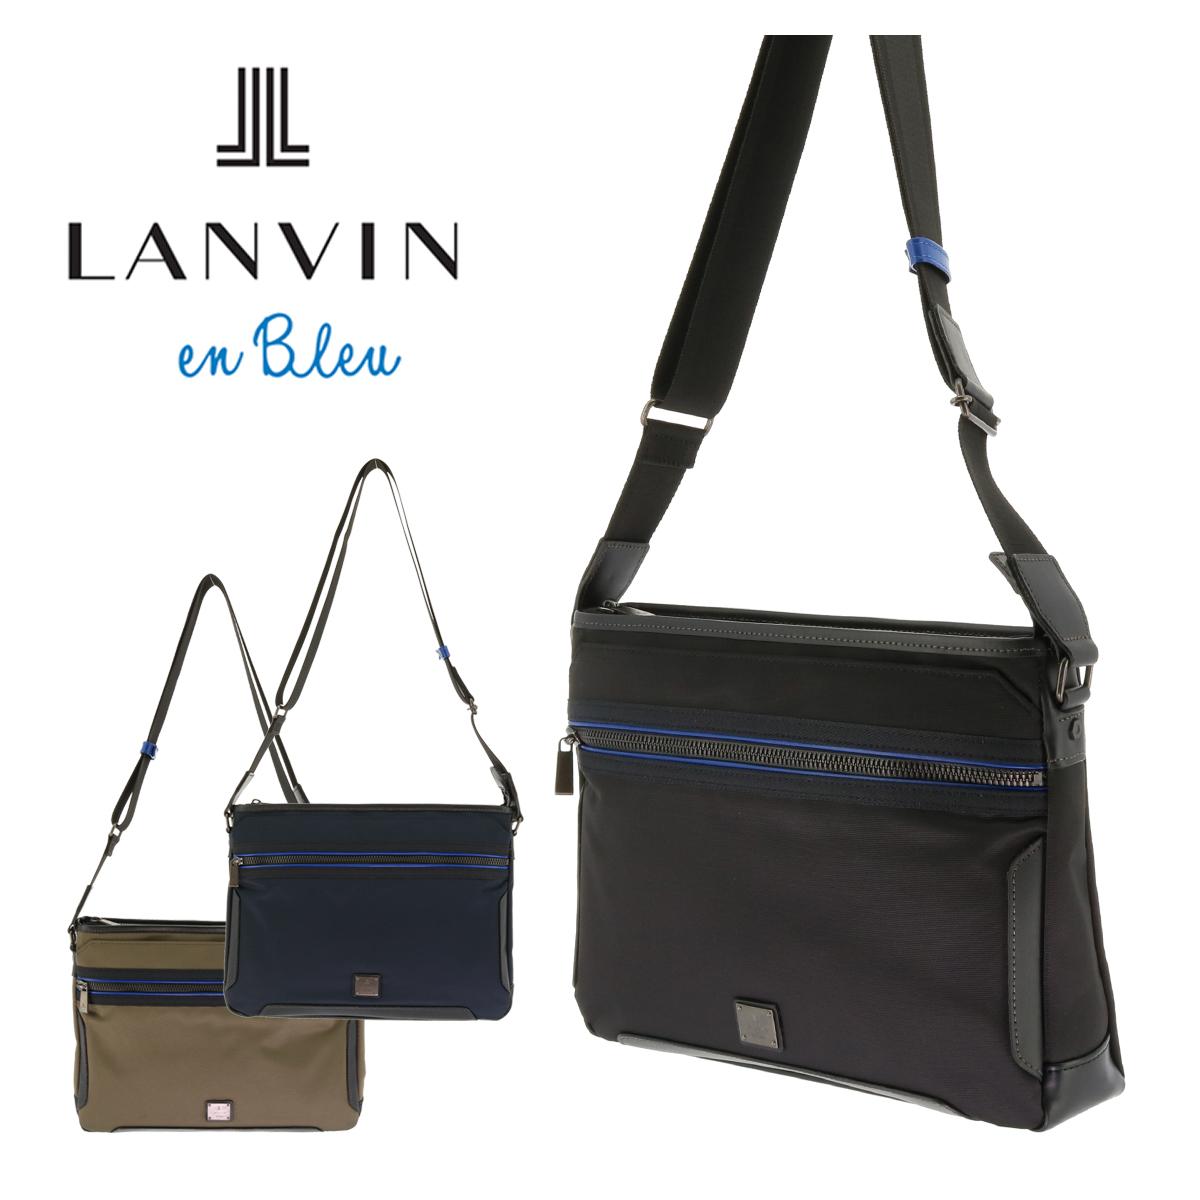 ランバンオンブルー ショルダーバッグ サイド 571112 LANVIN en Bleu ビジネスバッグ ポリエステル メンズ